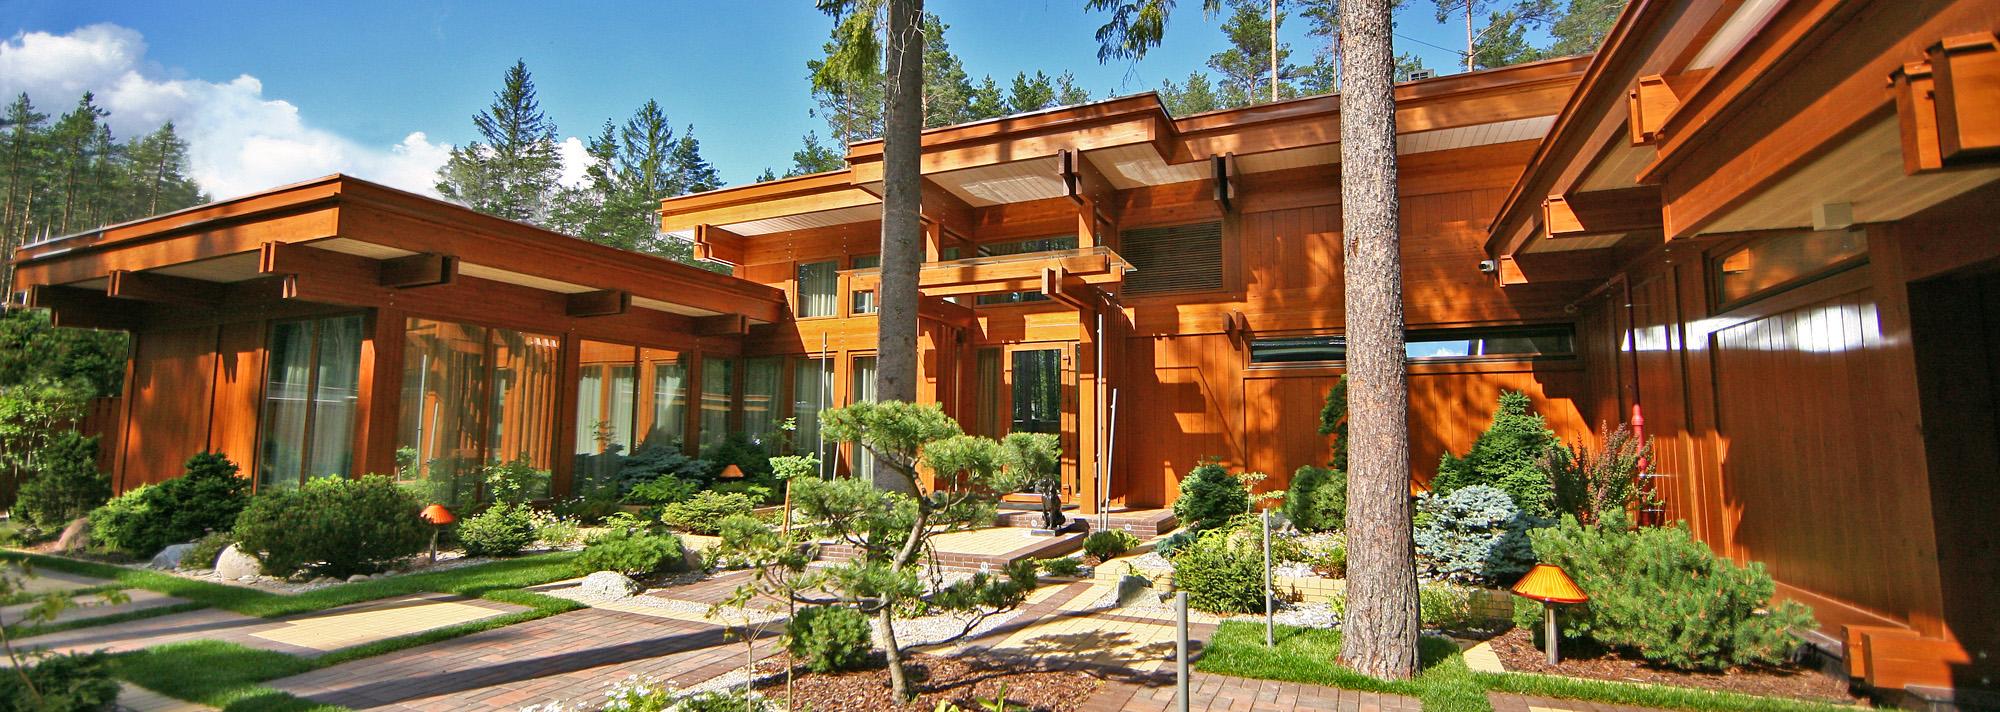 Элитный дом из клееного бруса в стиле фахверк